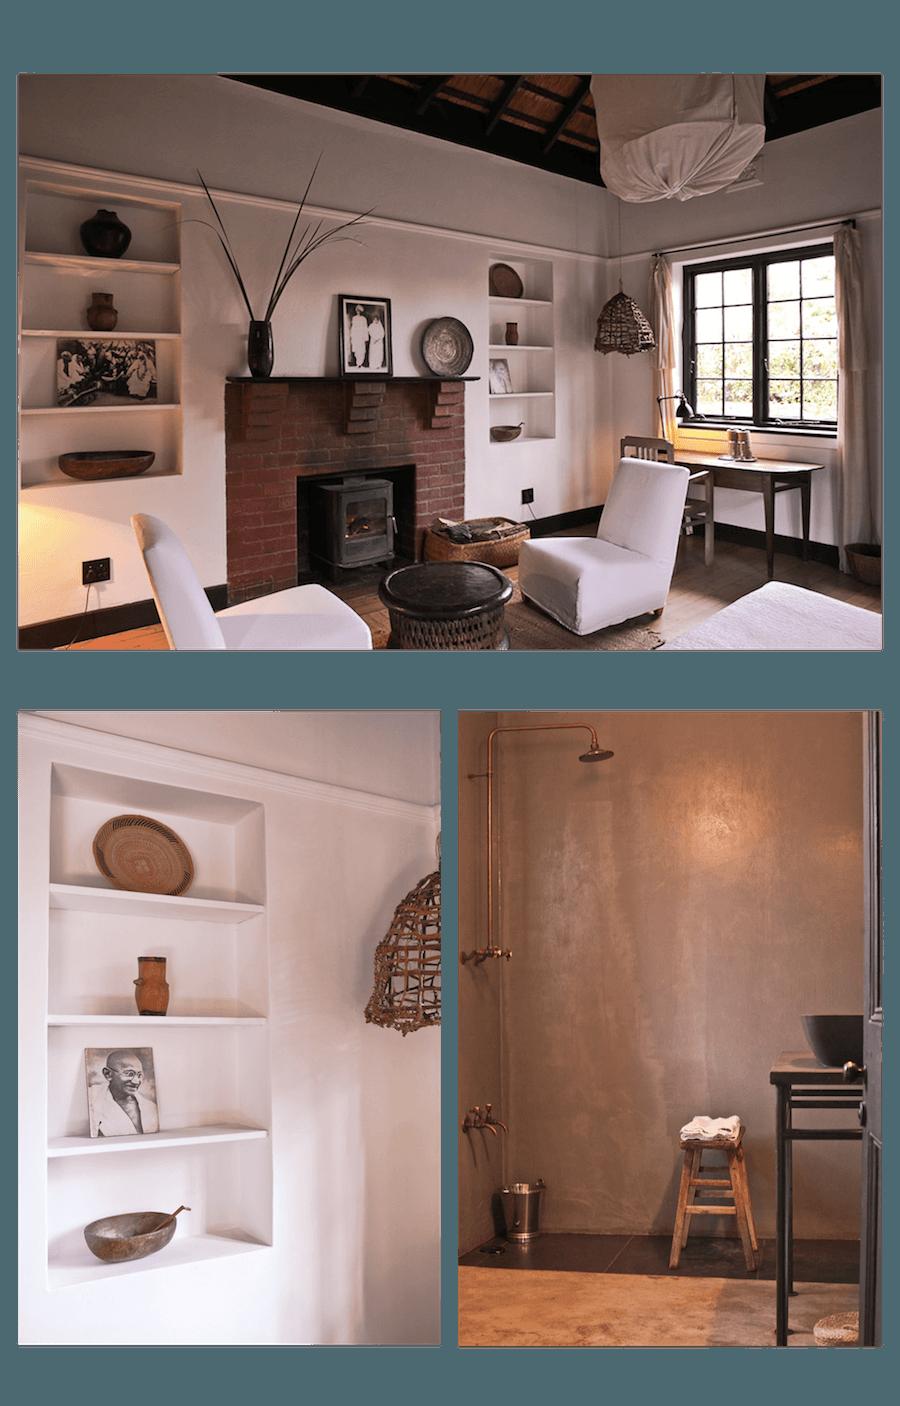 Satyagraha house montage 1